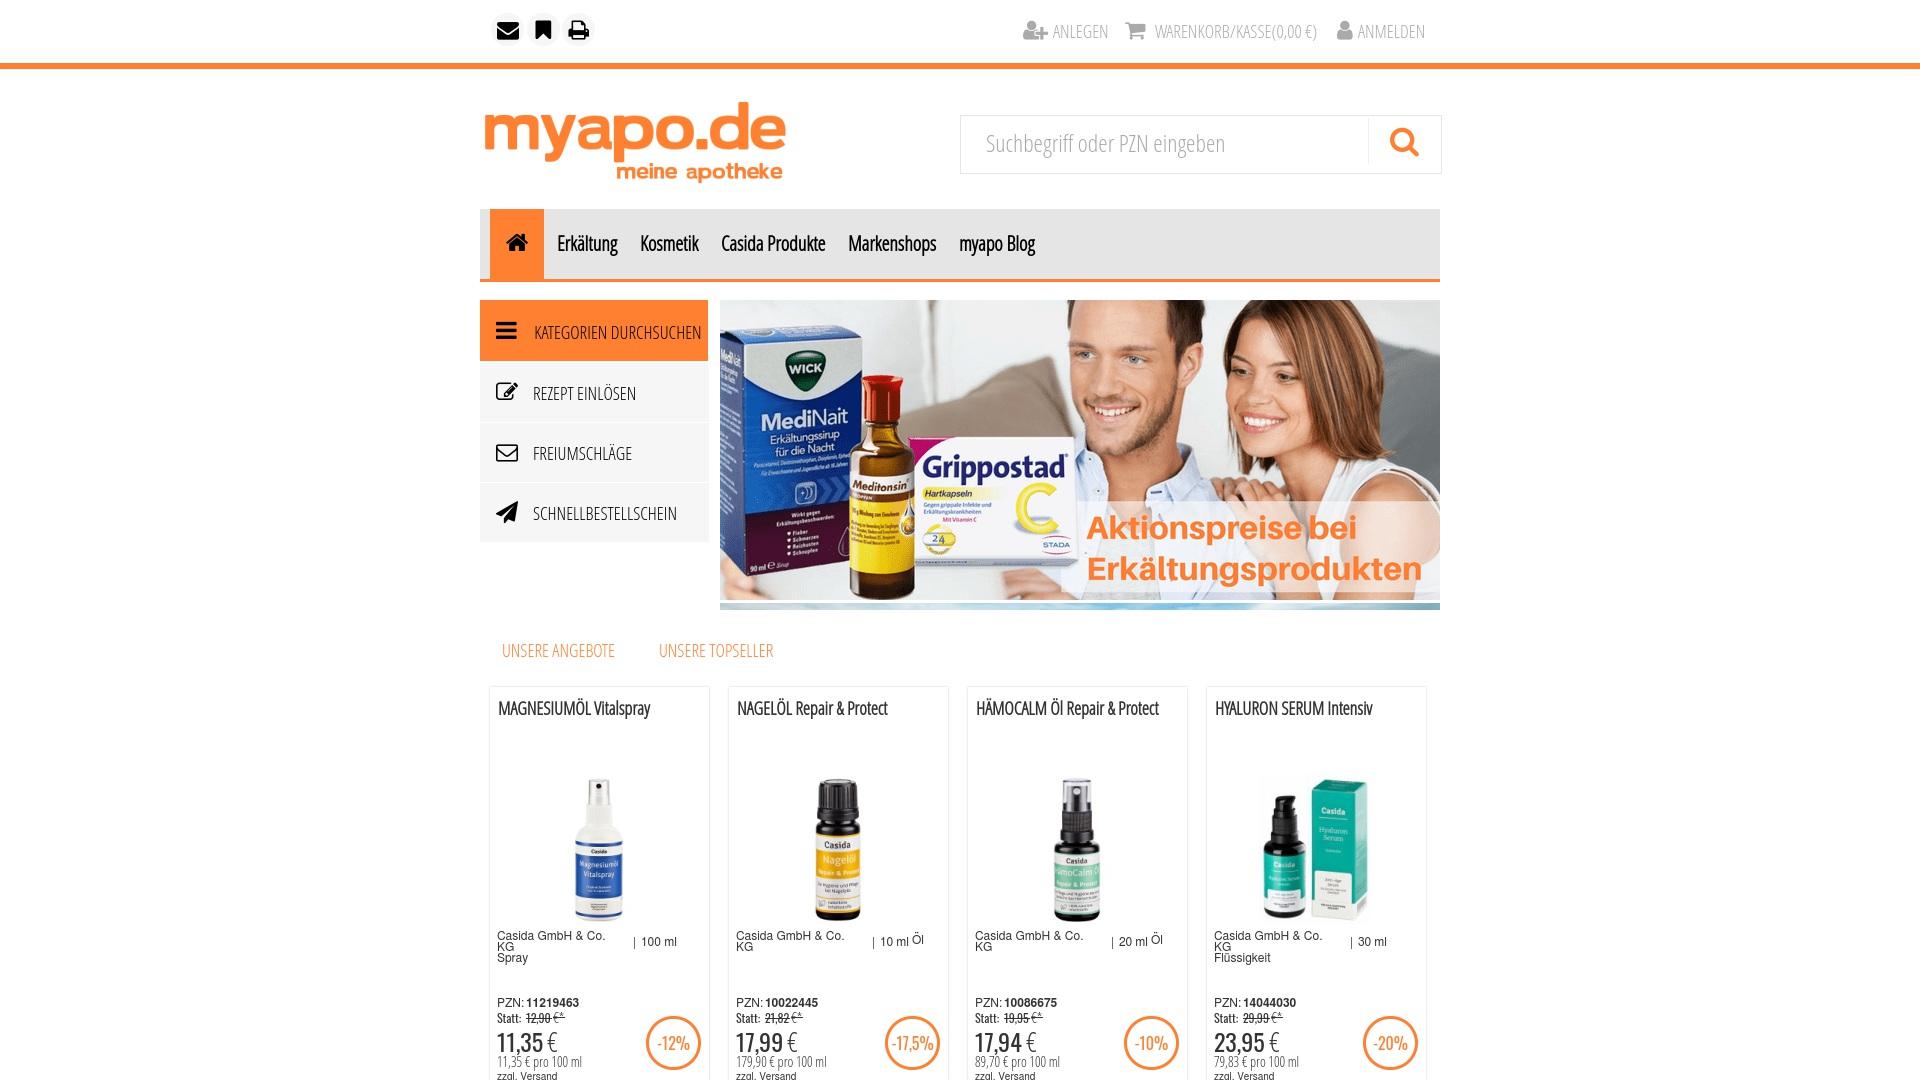 Gutschein für Myapo: Rabatte für  Myapo sichern